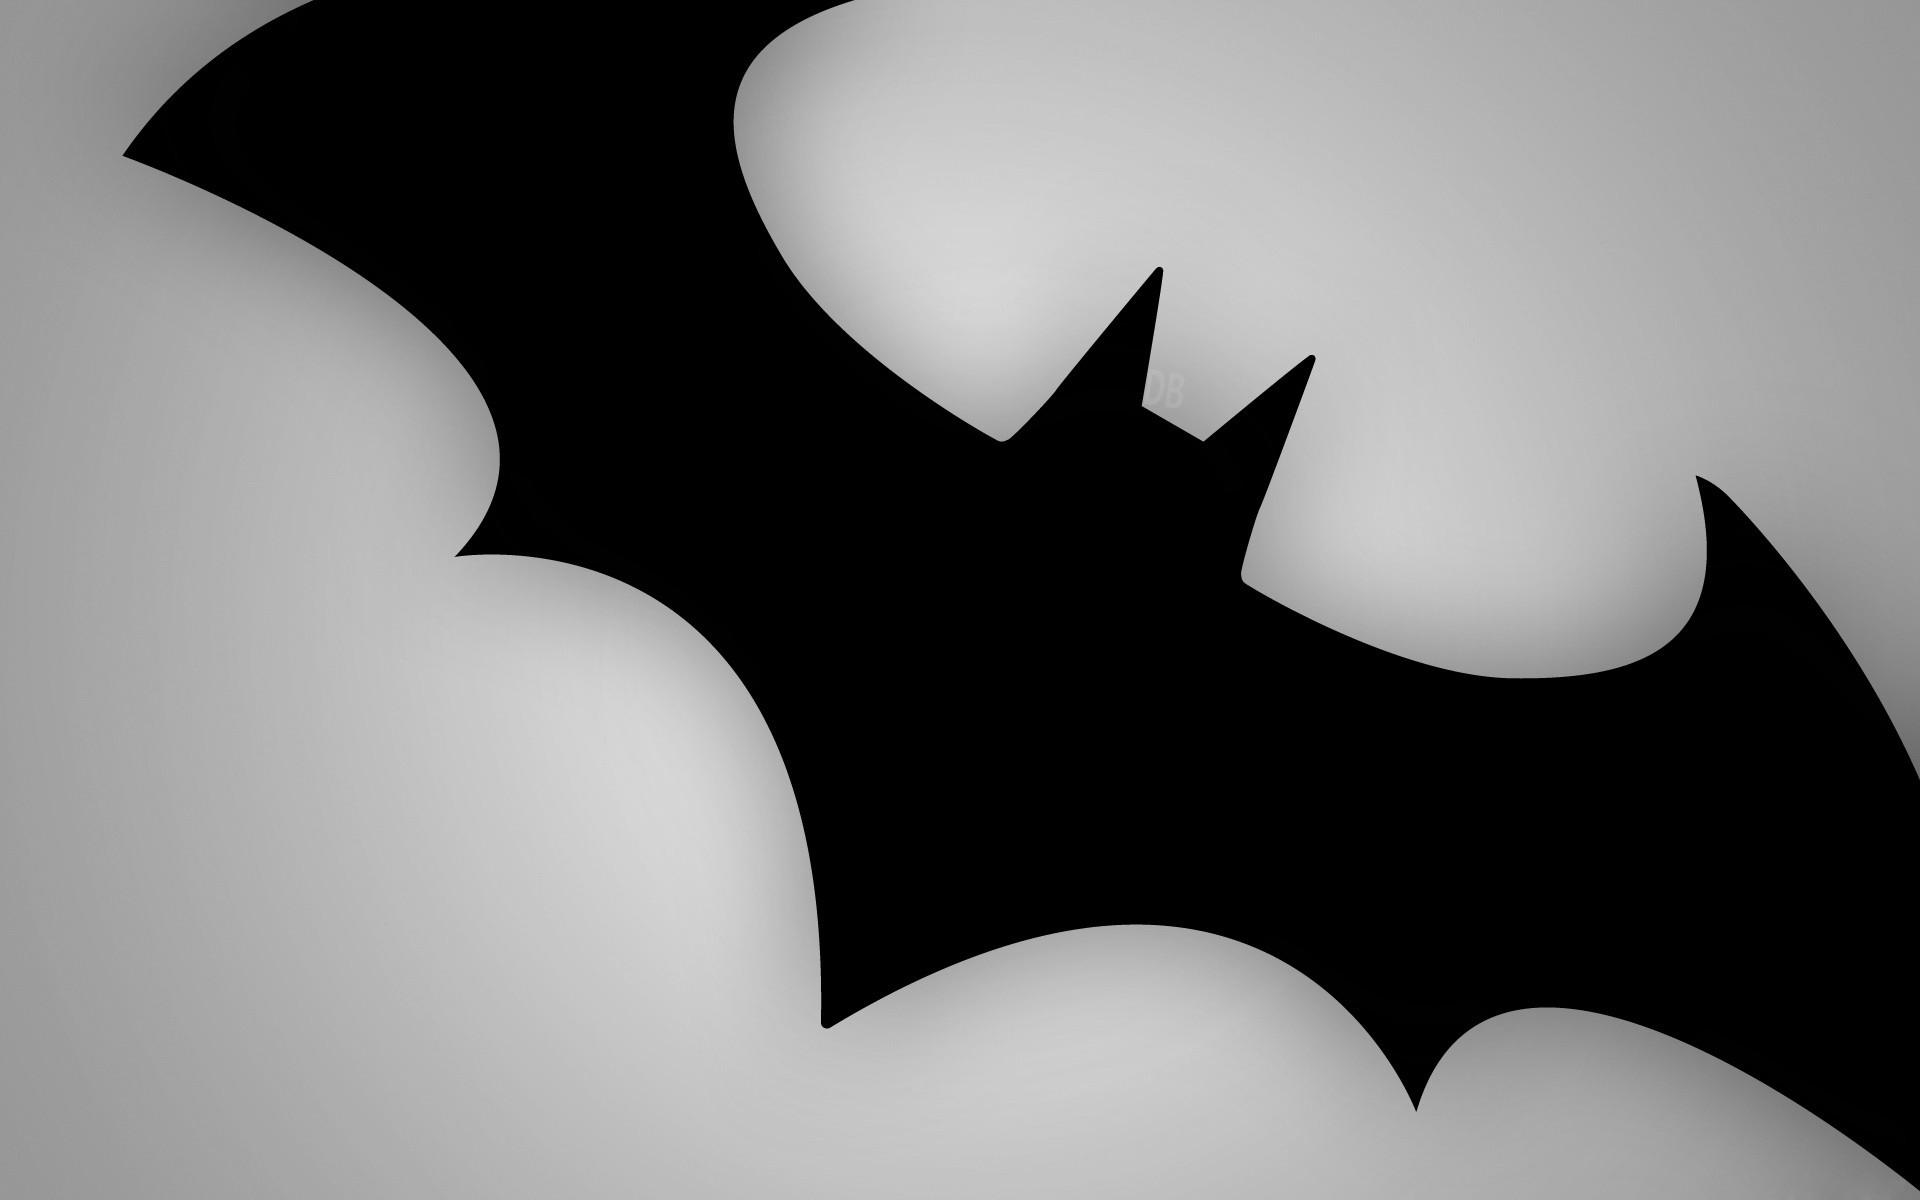 Logo de Batman hd 1920x1200   imagenes   wallpapers gratis   Diseo 1920x1200